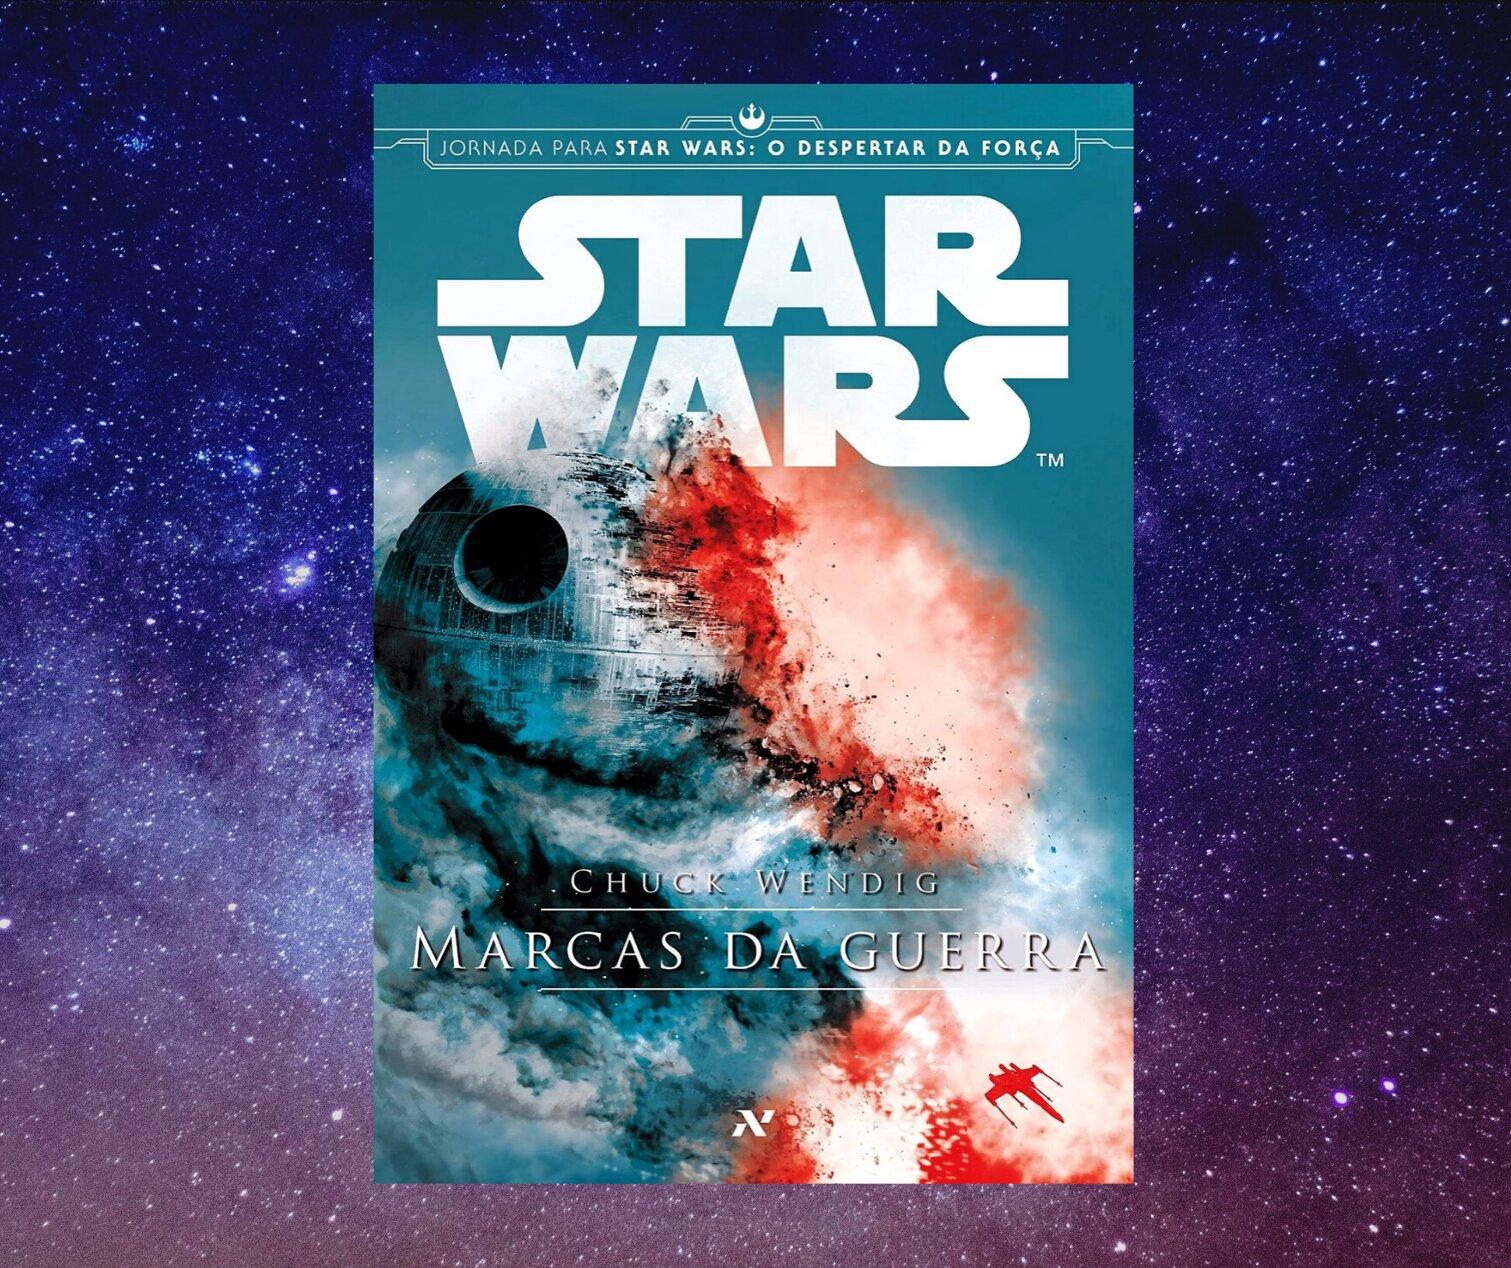 Resenha: Star Wars - Marcas da Guerra, de Chuck Wendig